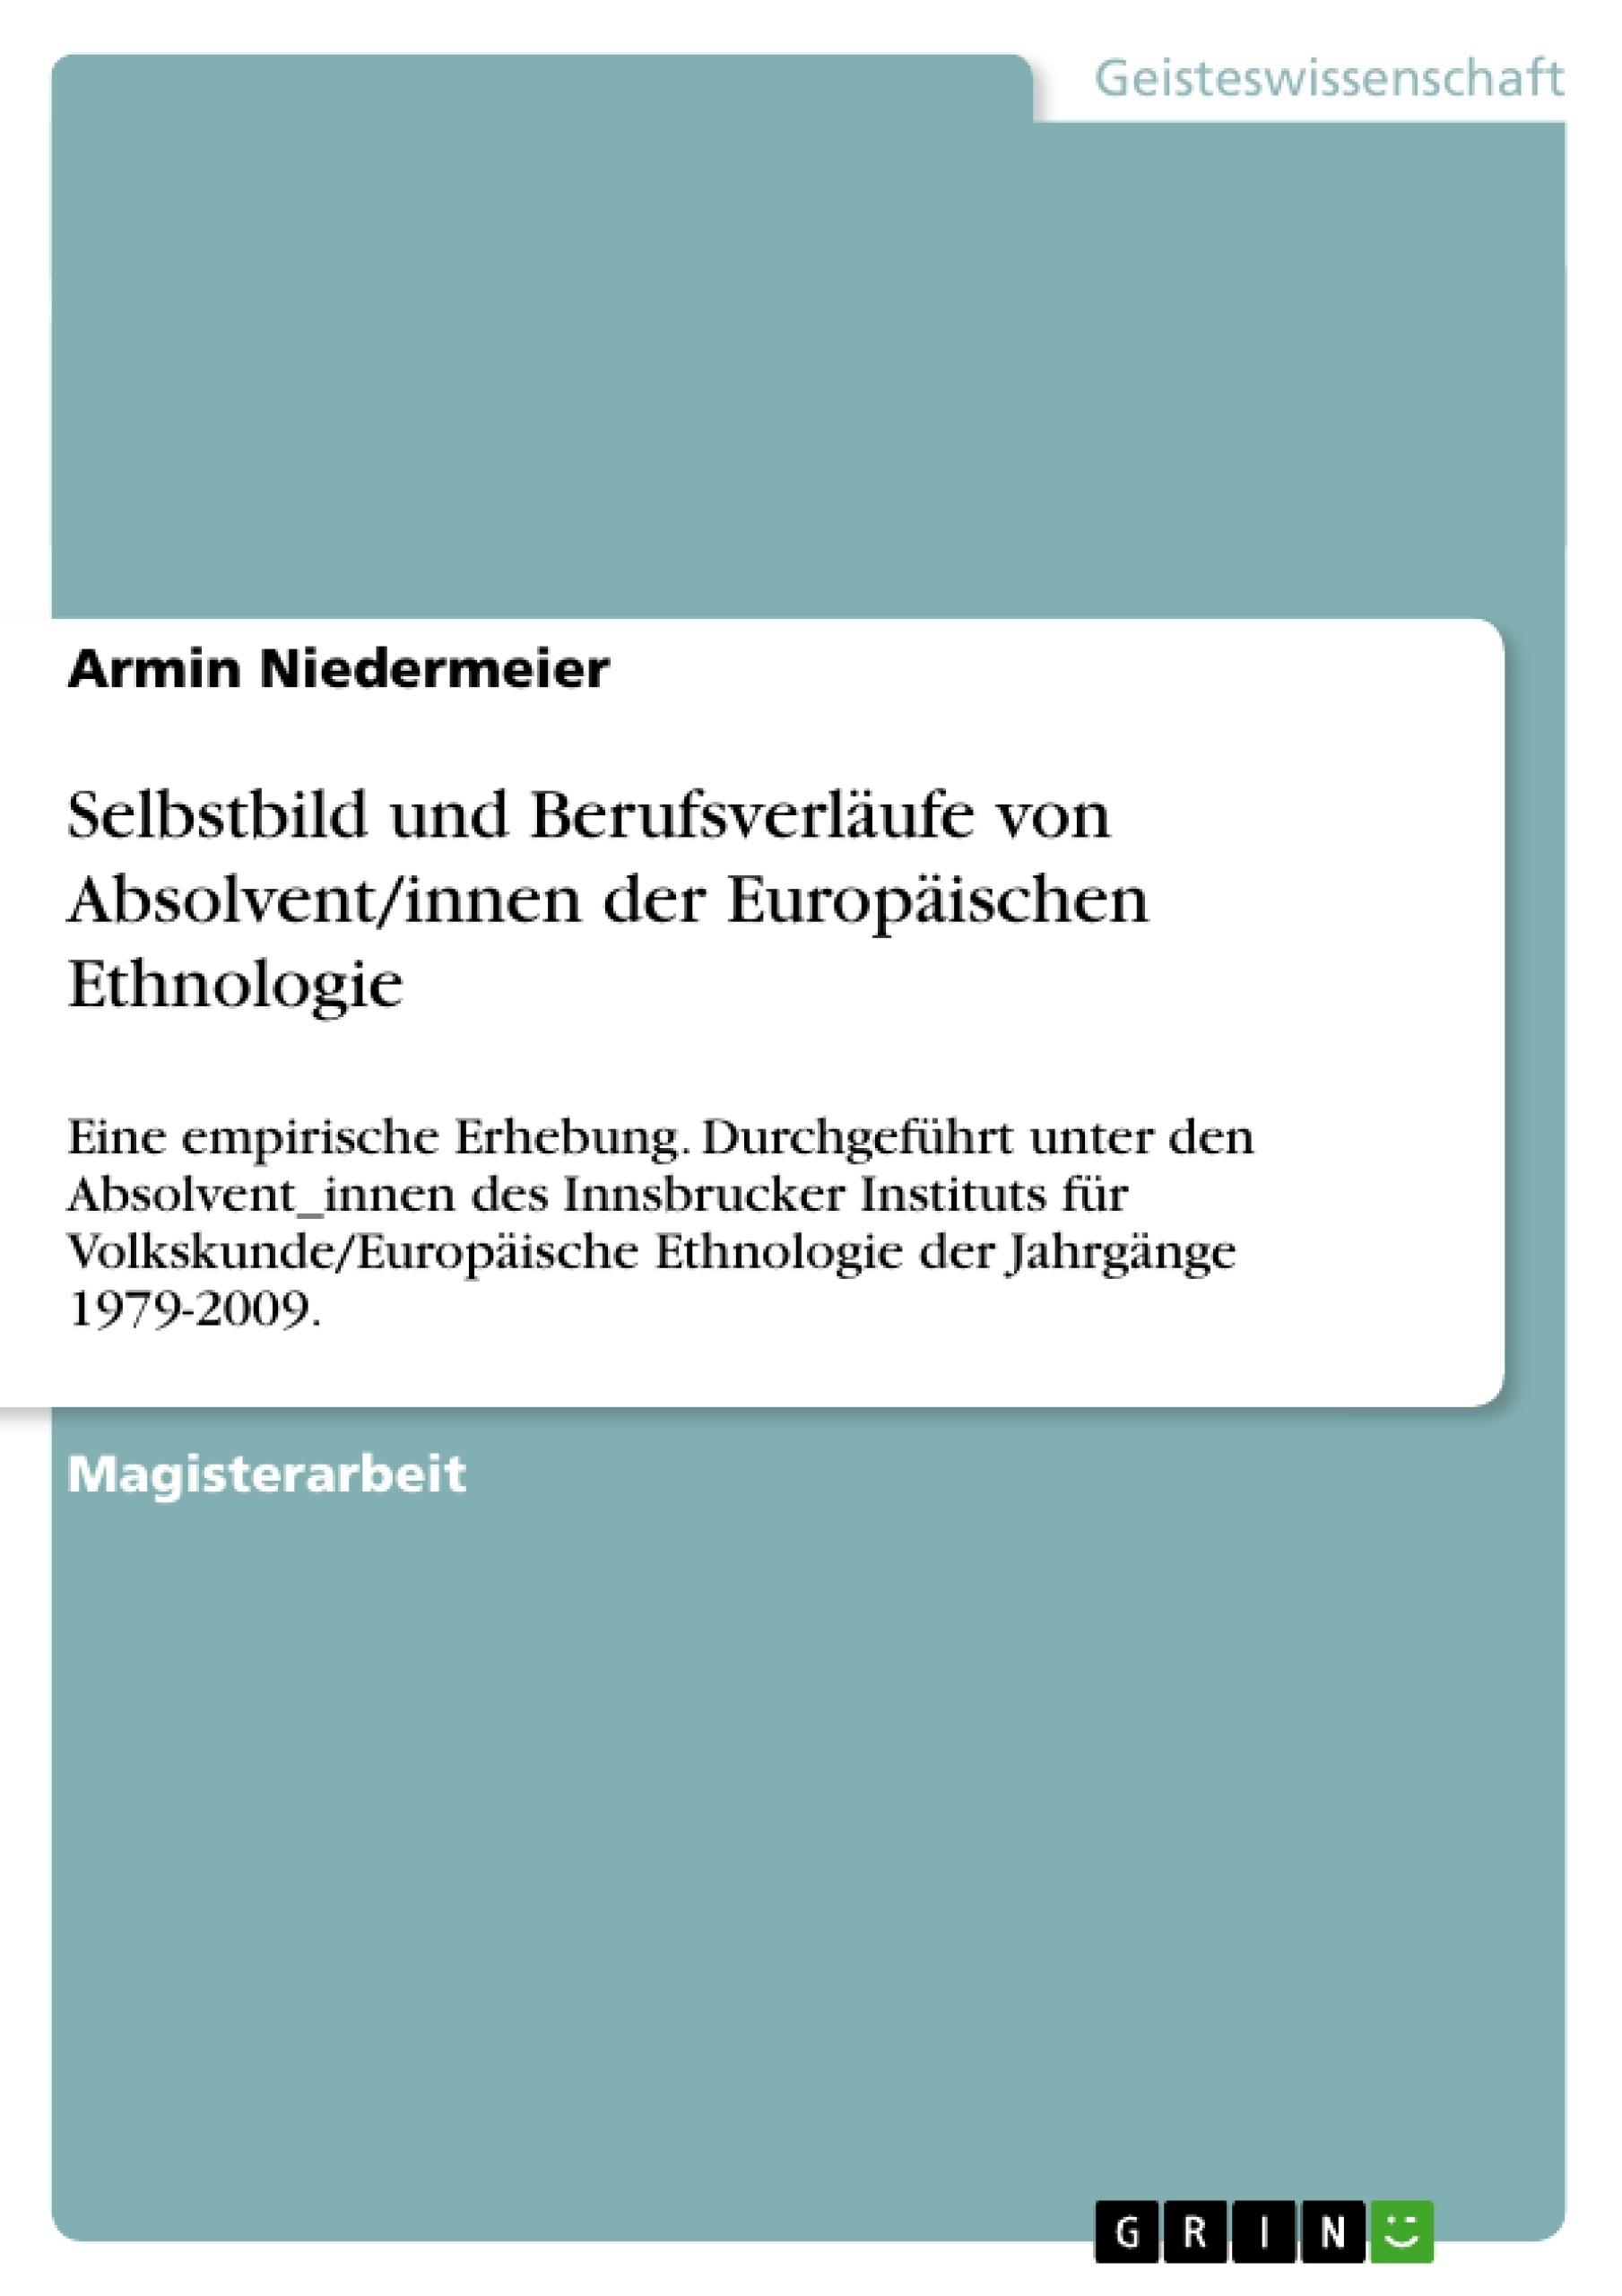 Titel: Selbstbild und Berufsverläufe von Absolvent/innen der Europäischen Ethnologie